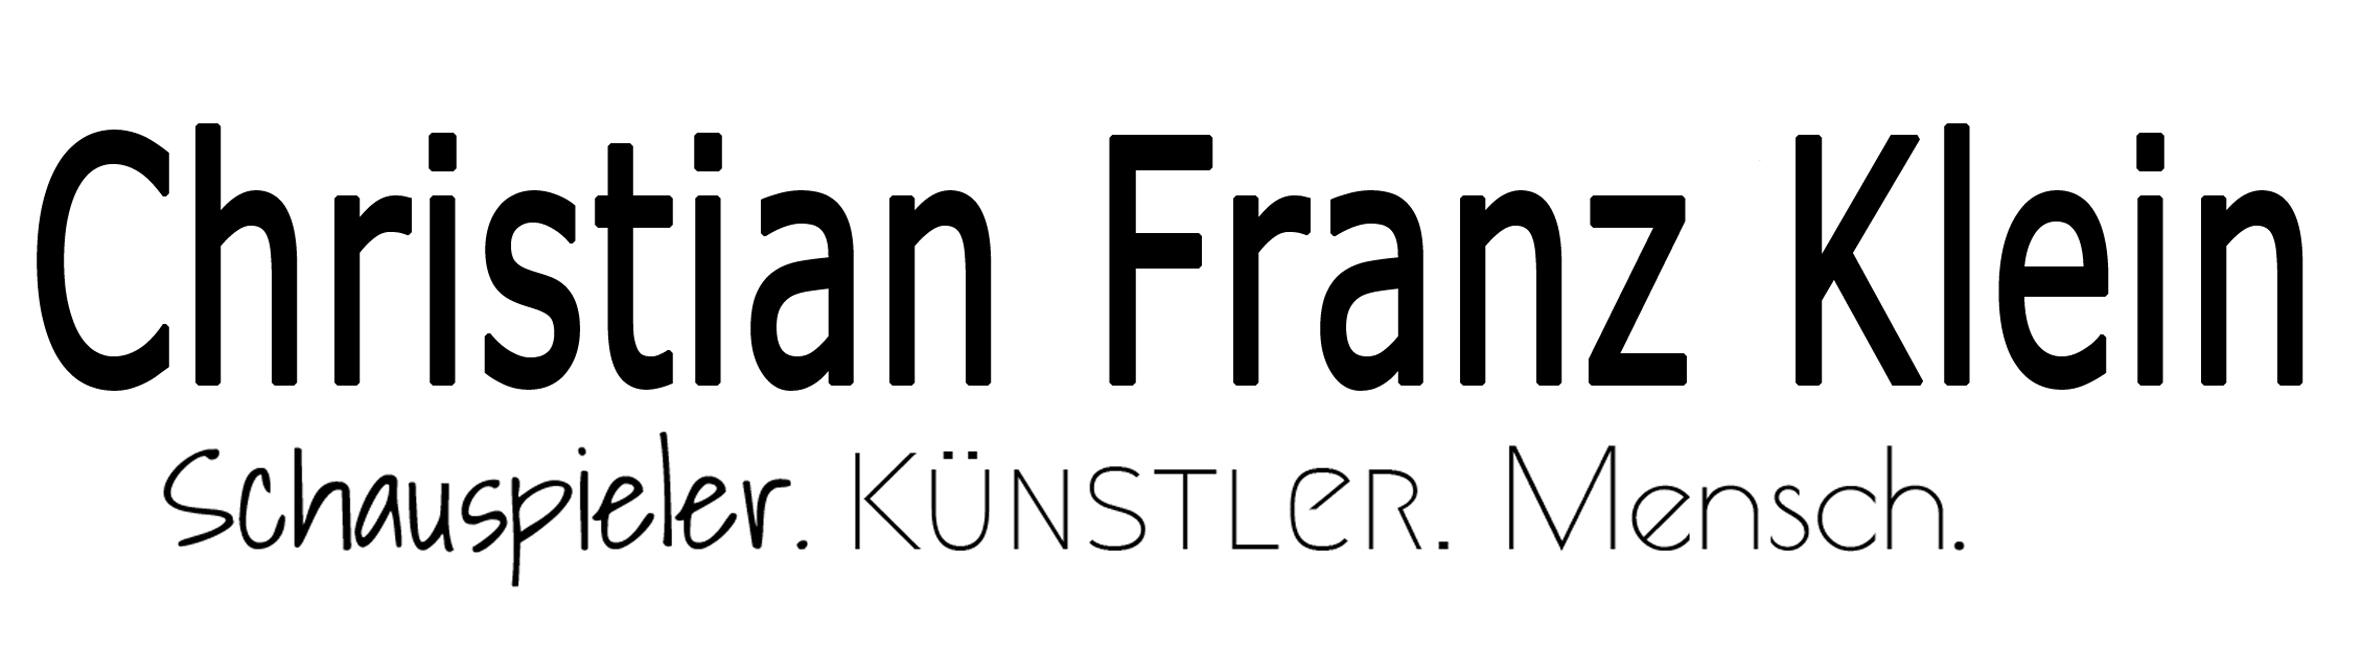 Christian Franz Klein